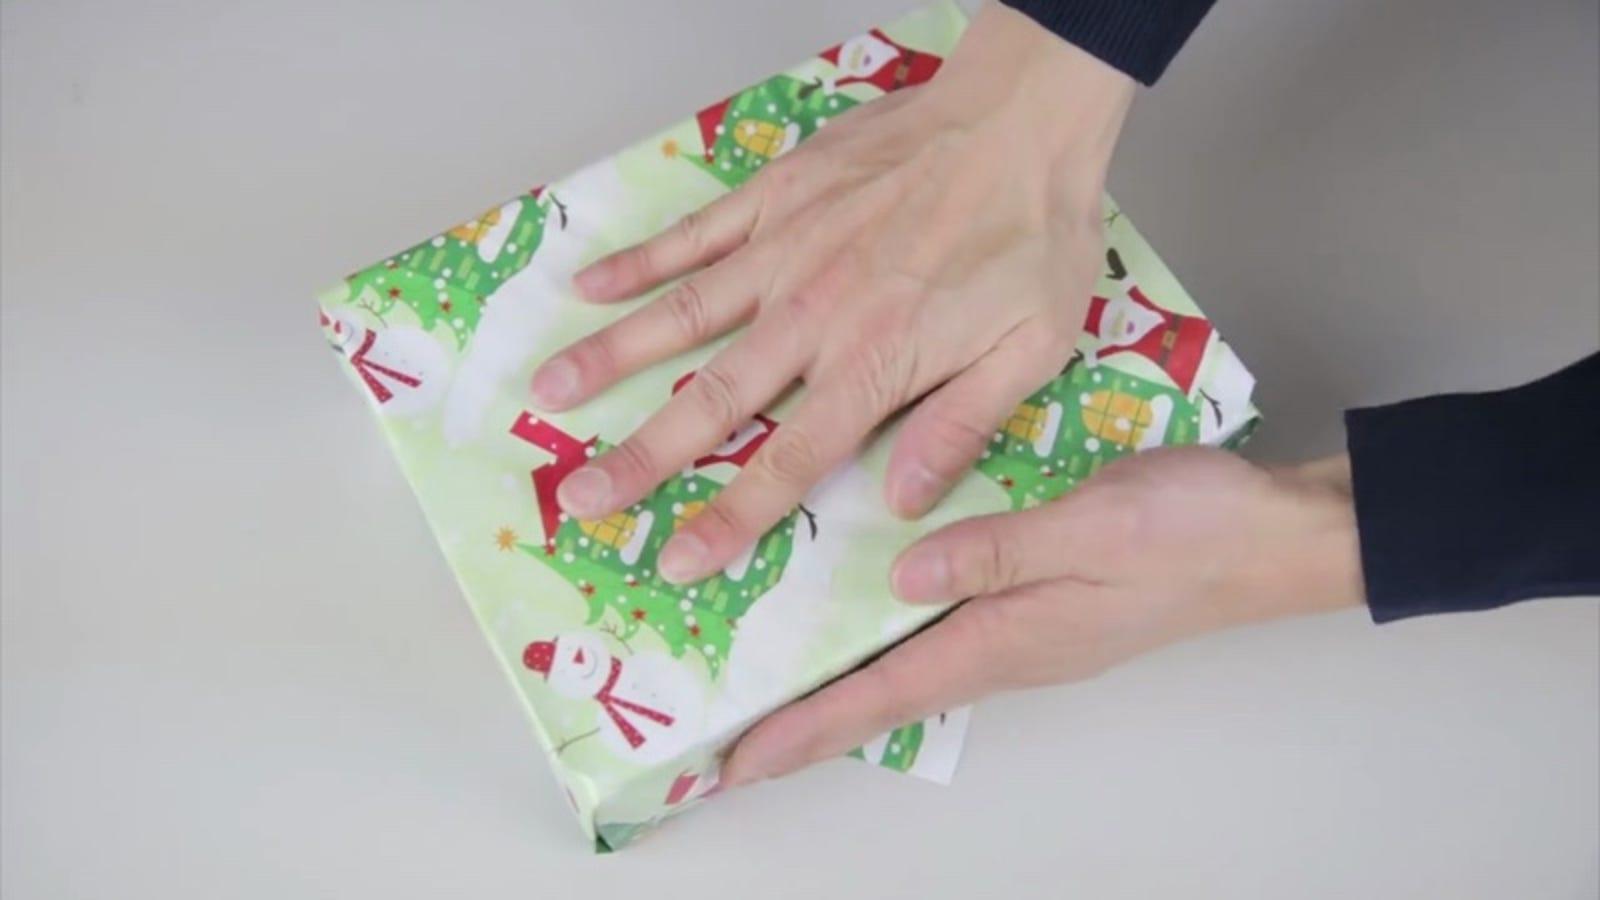 Cómo envolver un regalo sin cinta adhesiva, al estilo origami